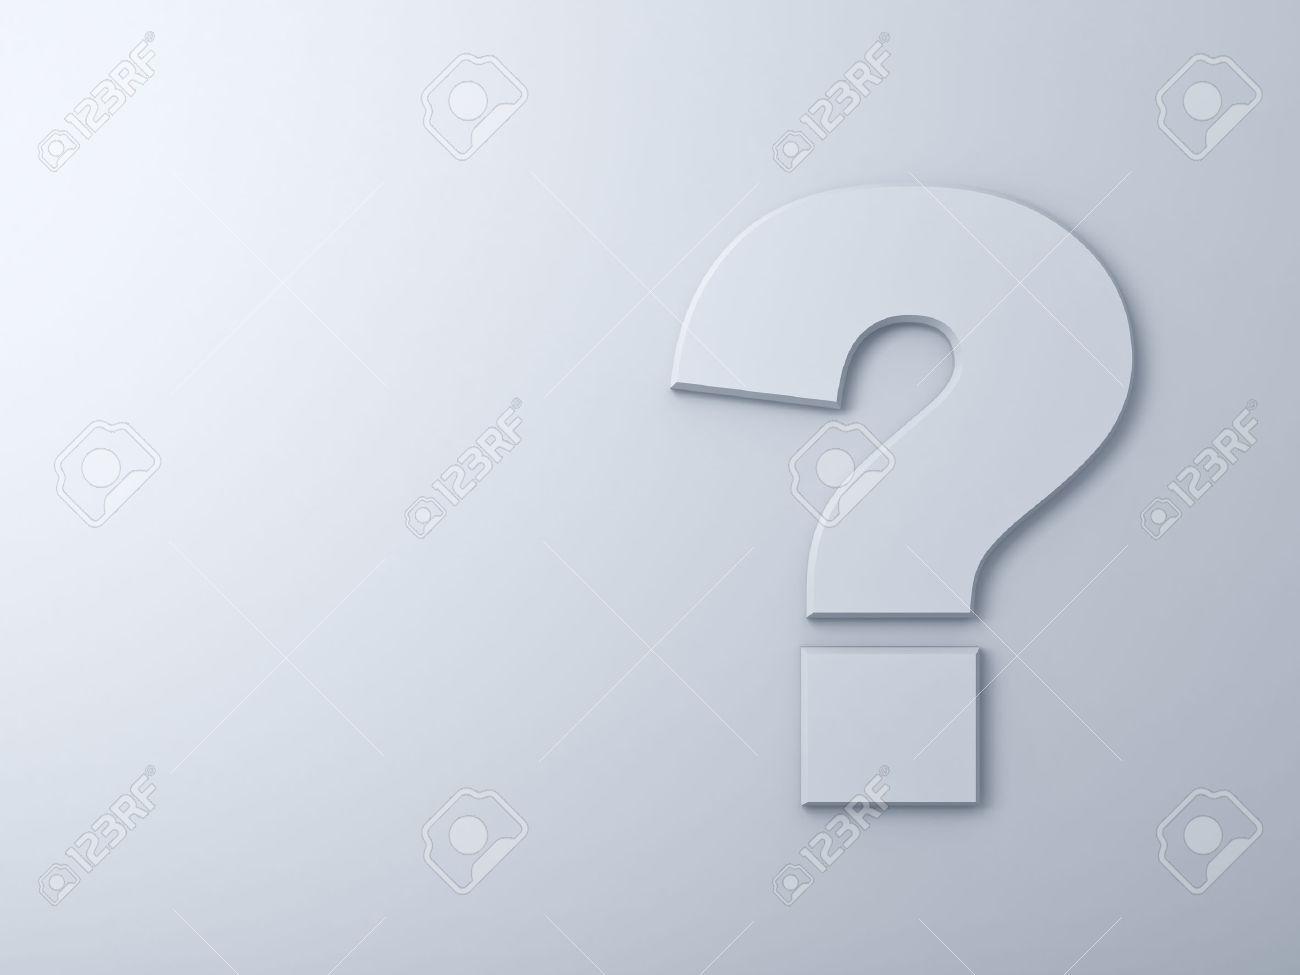 Résumé d'interrogation sur fond blanc mur Banque d'images - 40257557